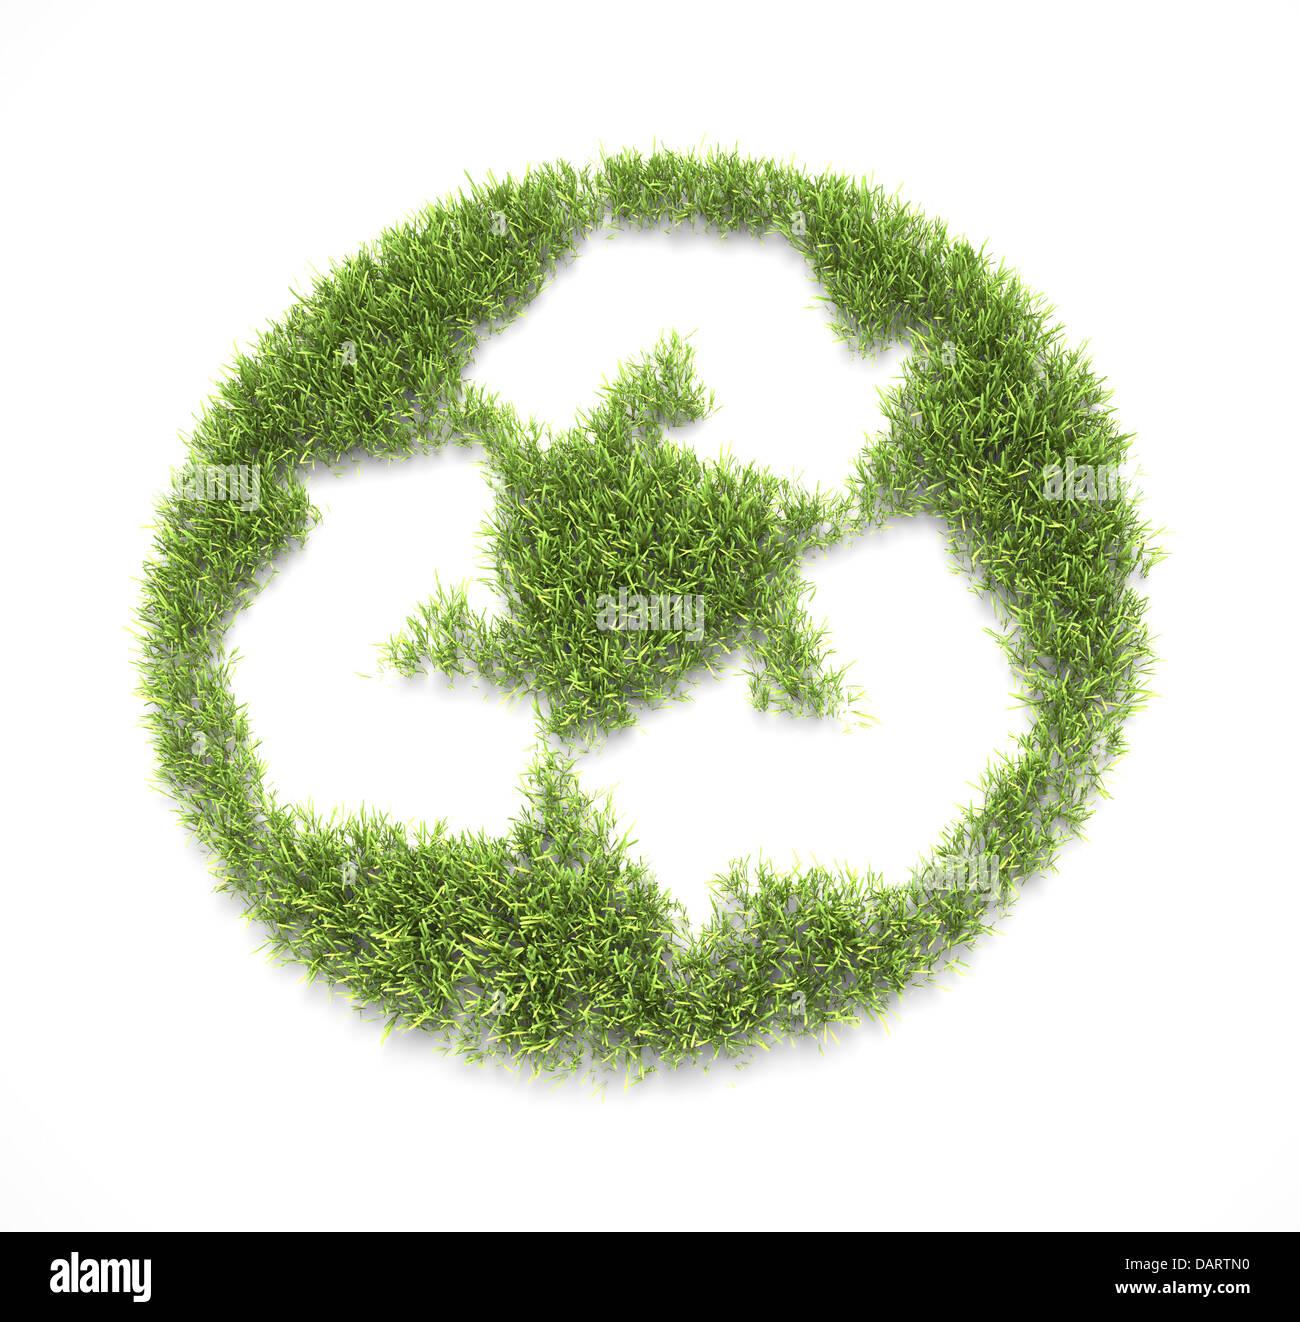 Patch di erba conformata come un simbolo di riciclaggio Immagini Stock